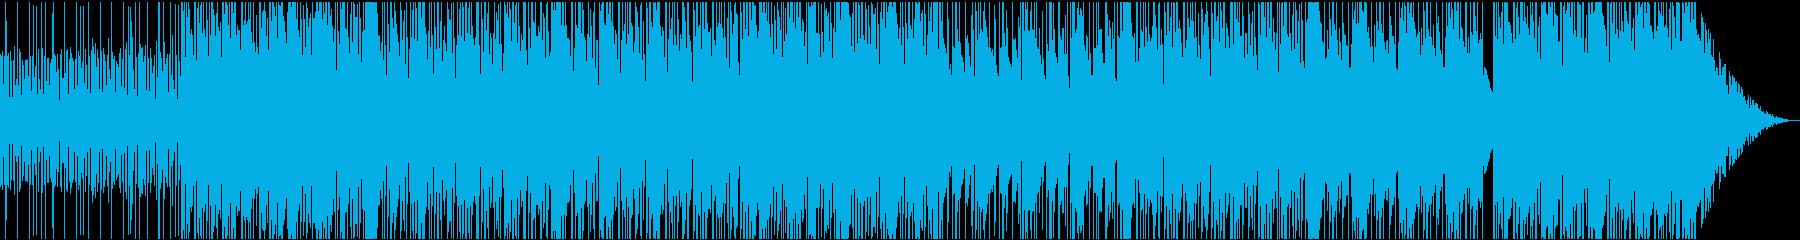 軽快で明るいトラップ(ヒップホップ)の再生済みの波形